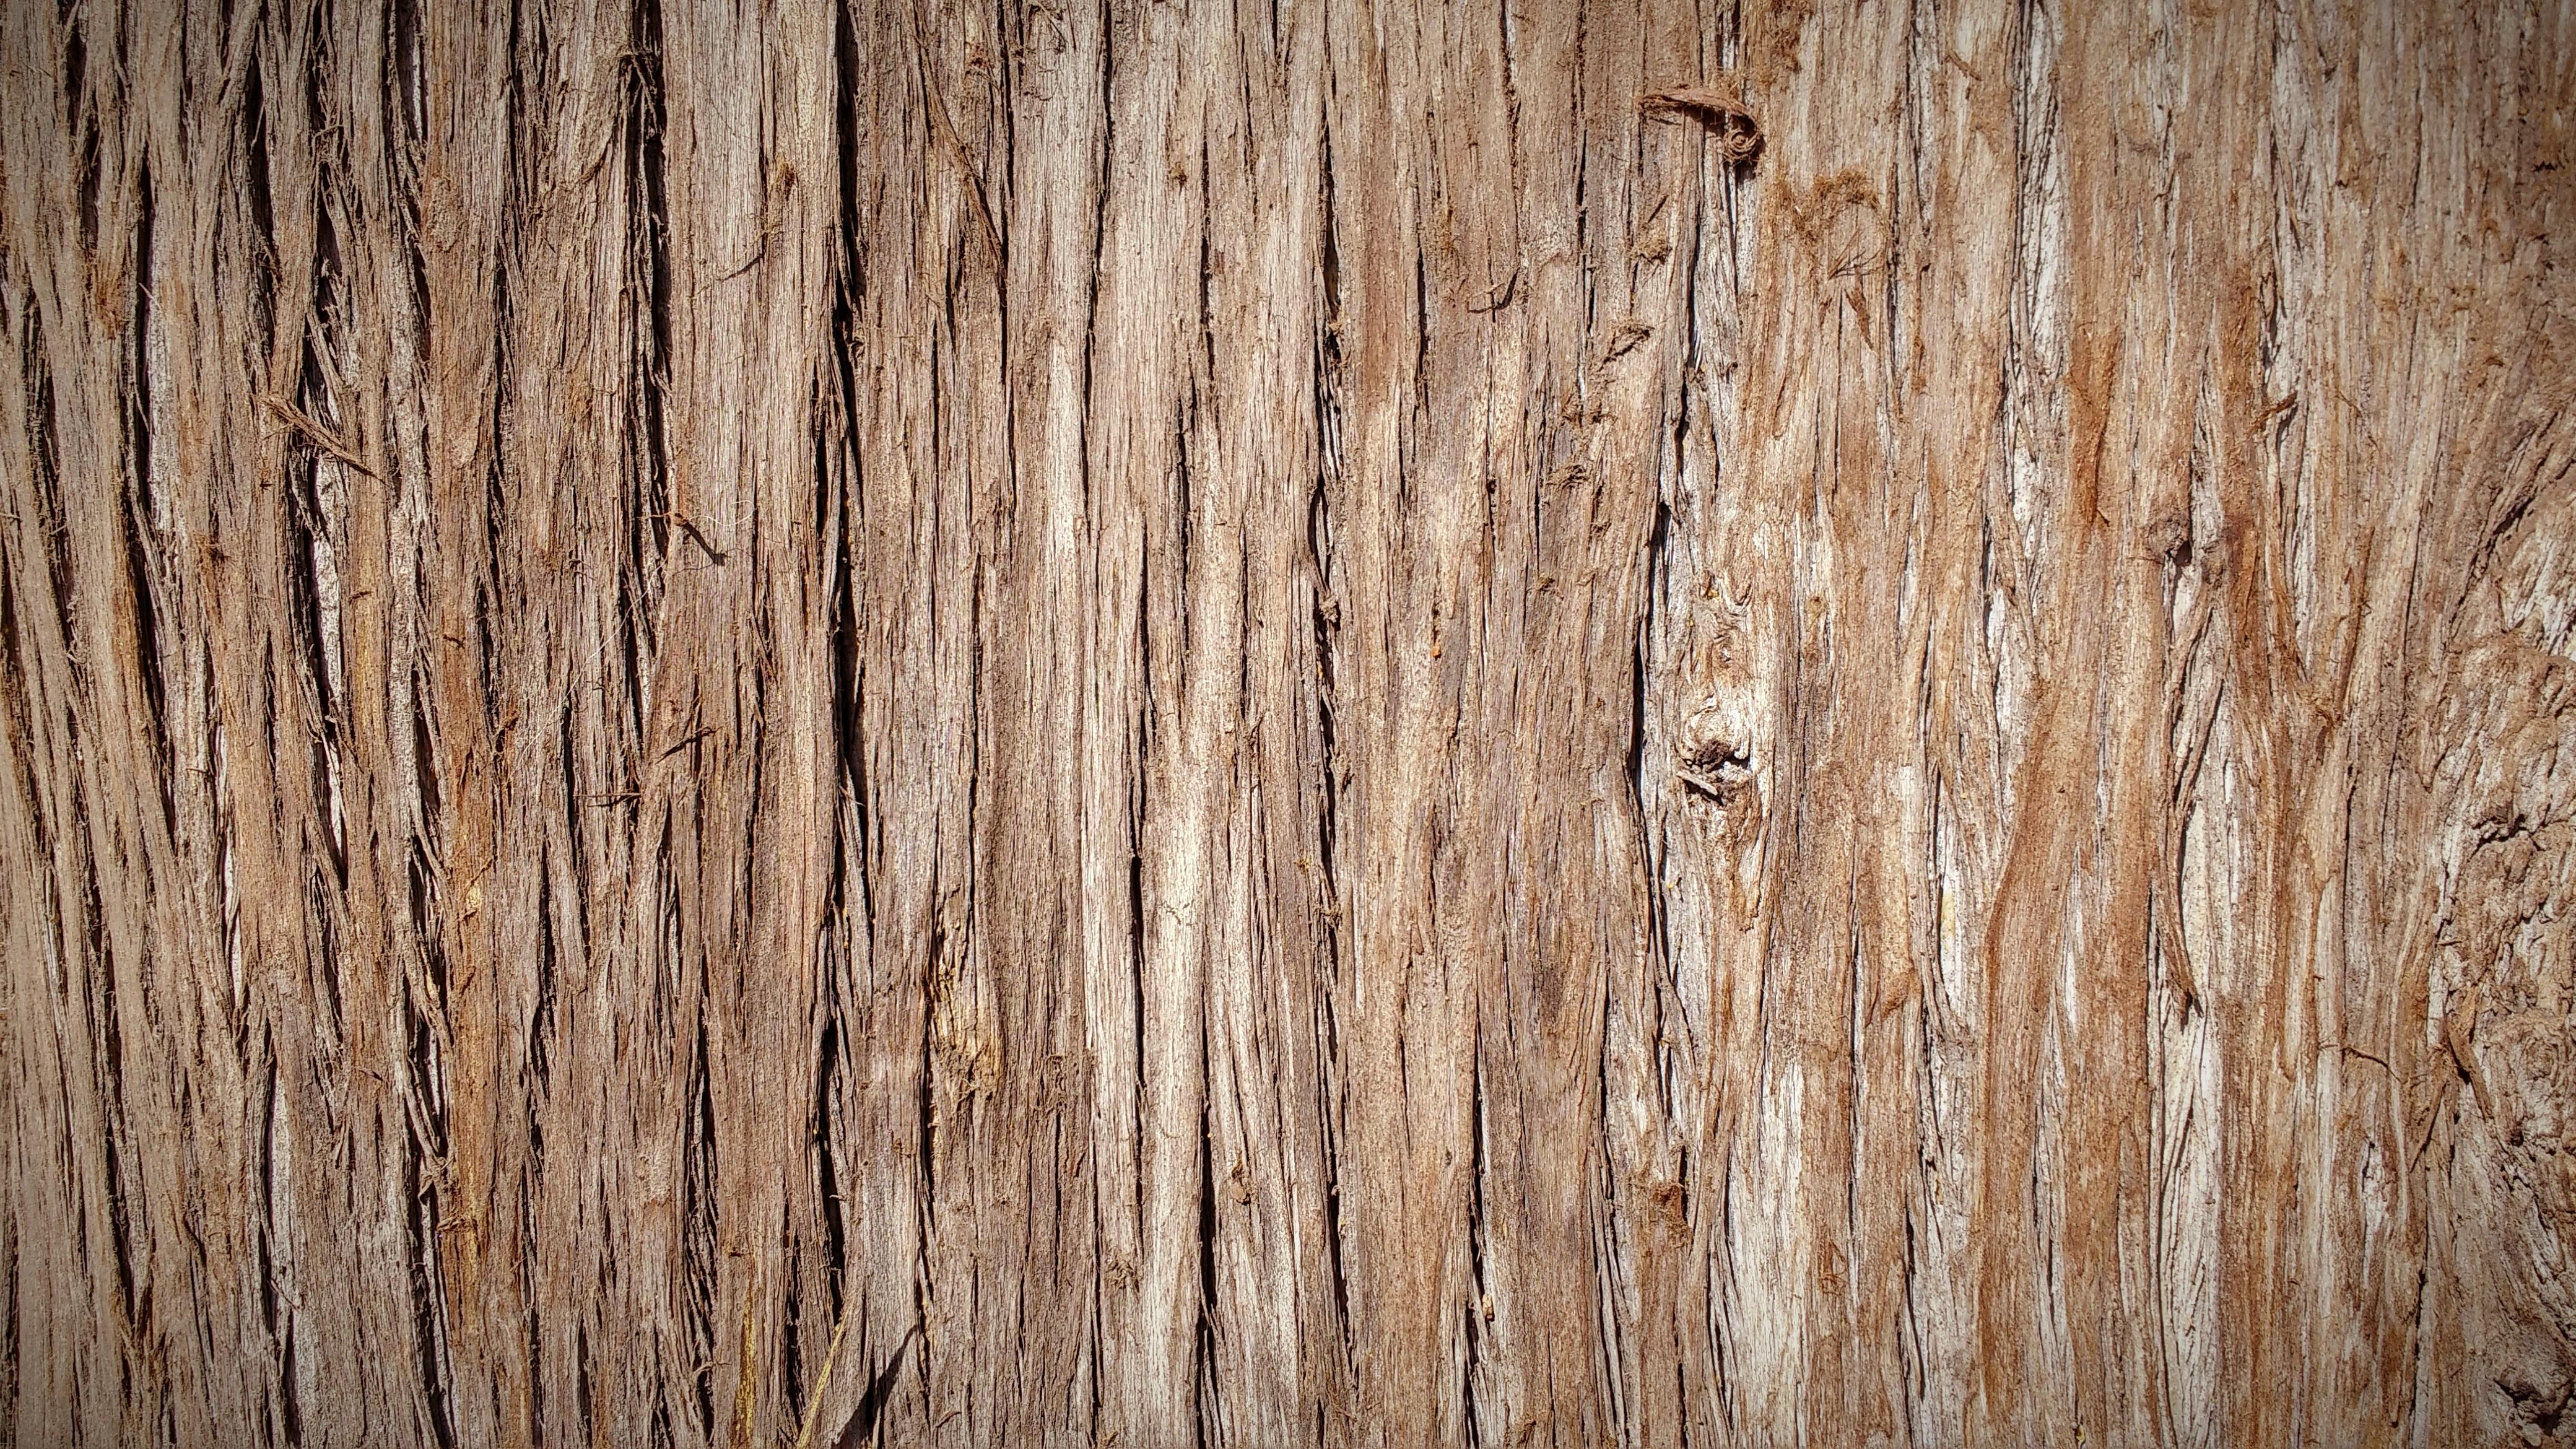 Kostenlose foto baum natur ast holz planke stock for Sfondo legno hd